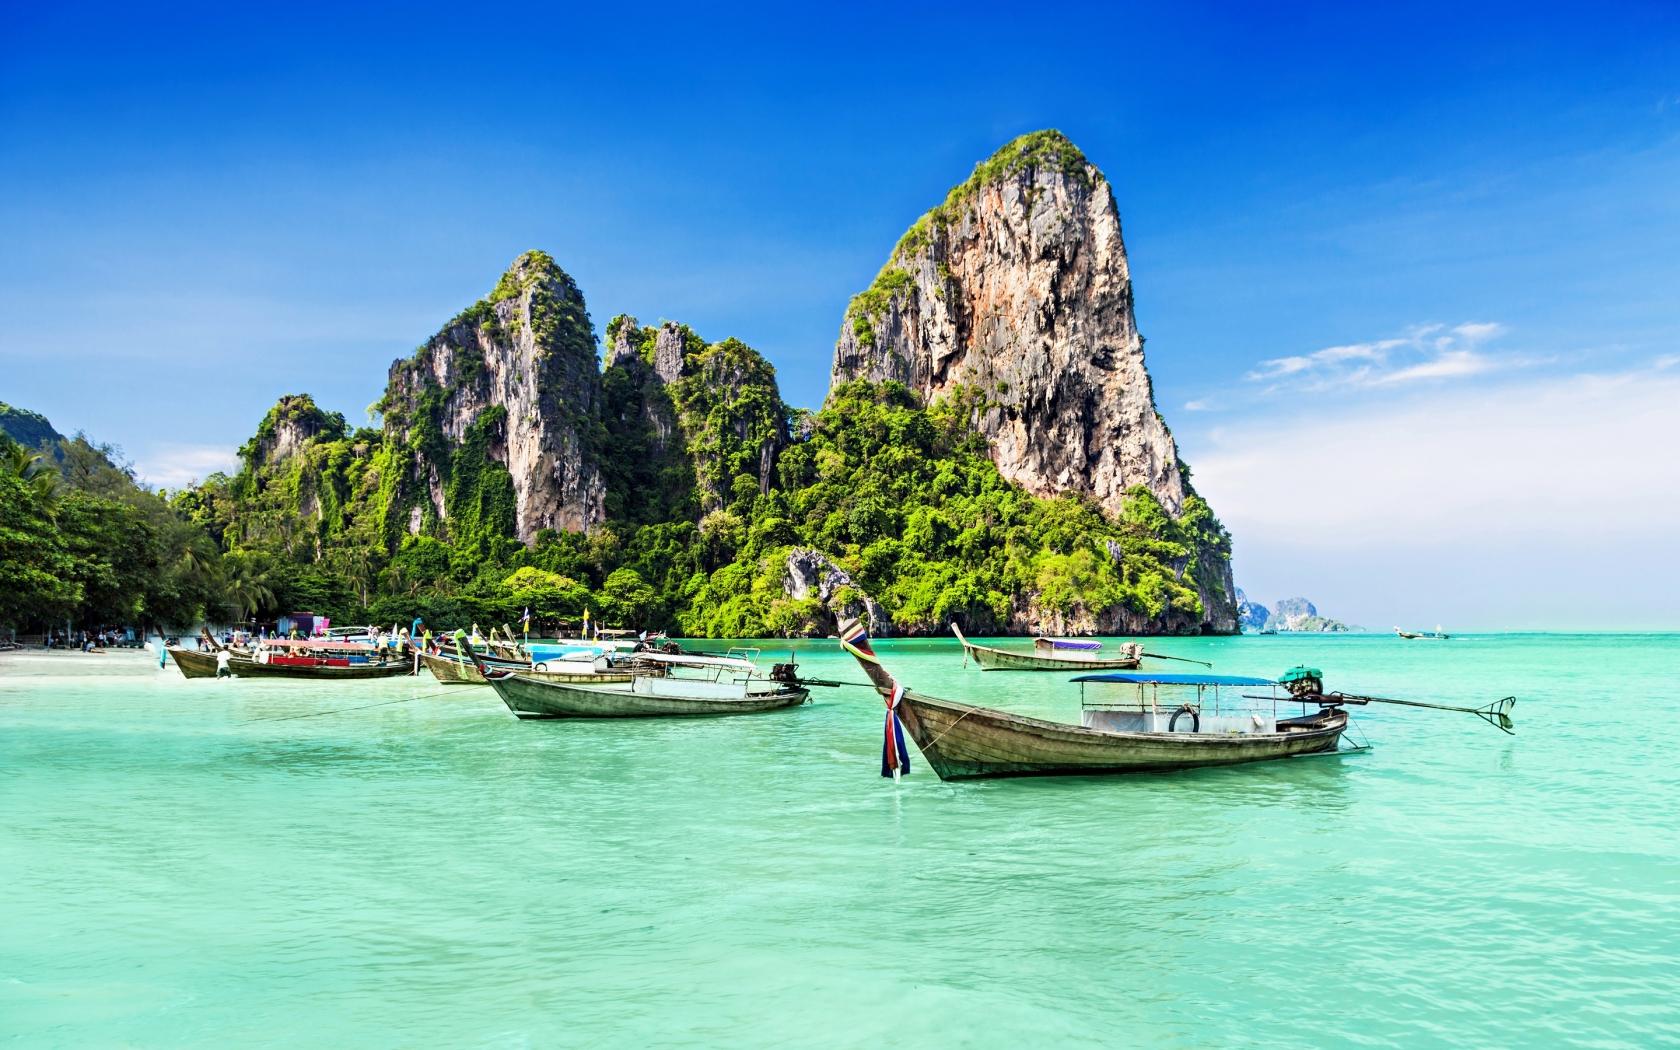 phuket-thailand-wallpaper-for-1680x1050-widescreen-10-352